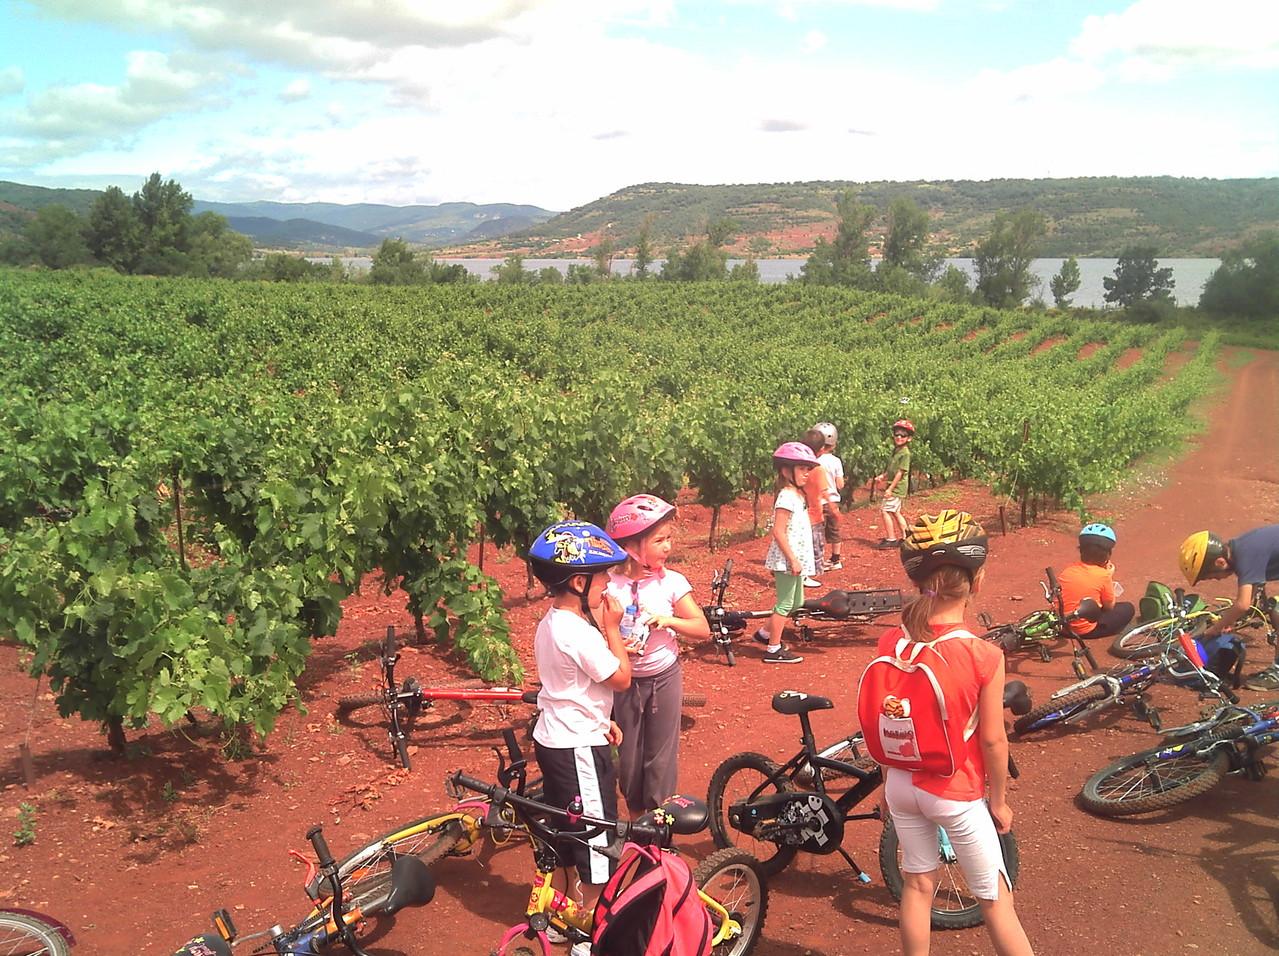 Sortie Vélo scolaire, sortie de fin de cycle vélo à l'école -Ozone